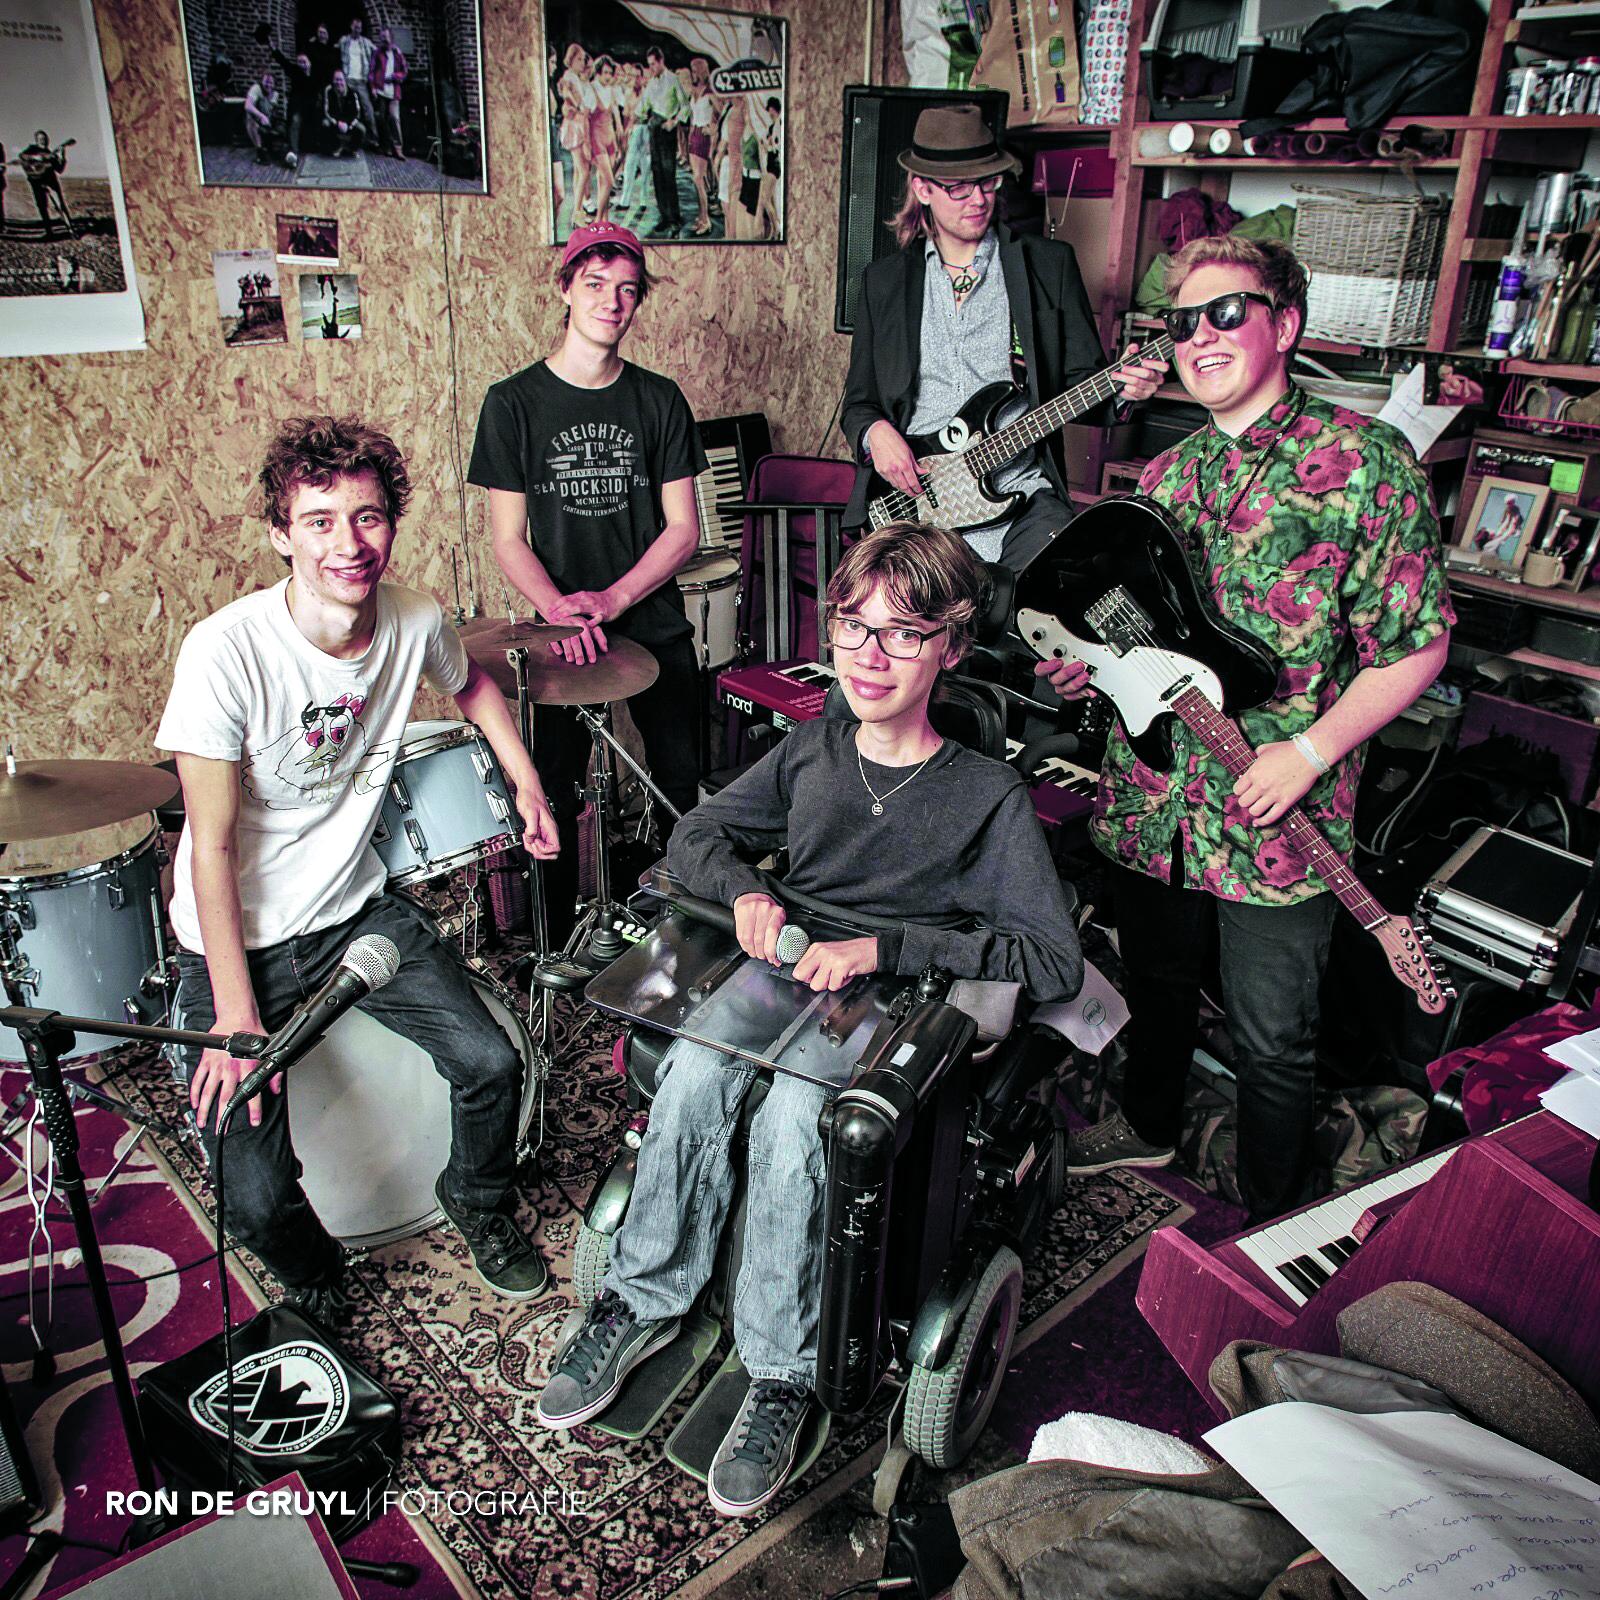 Speciaal voor deze voorstelling is de band The Cloaks opgericht. (Foto: Ron de Gruyl)